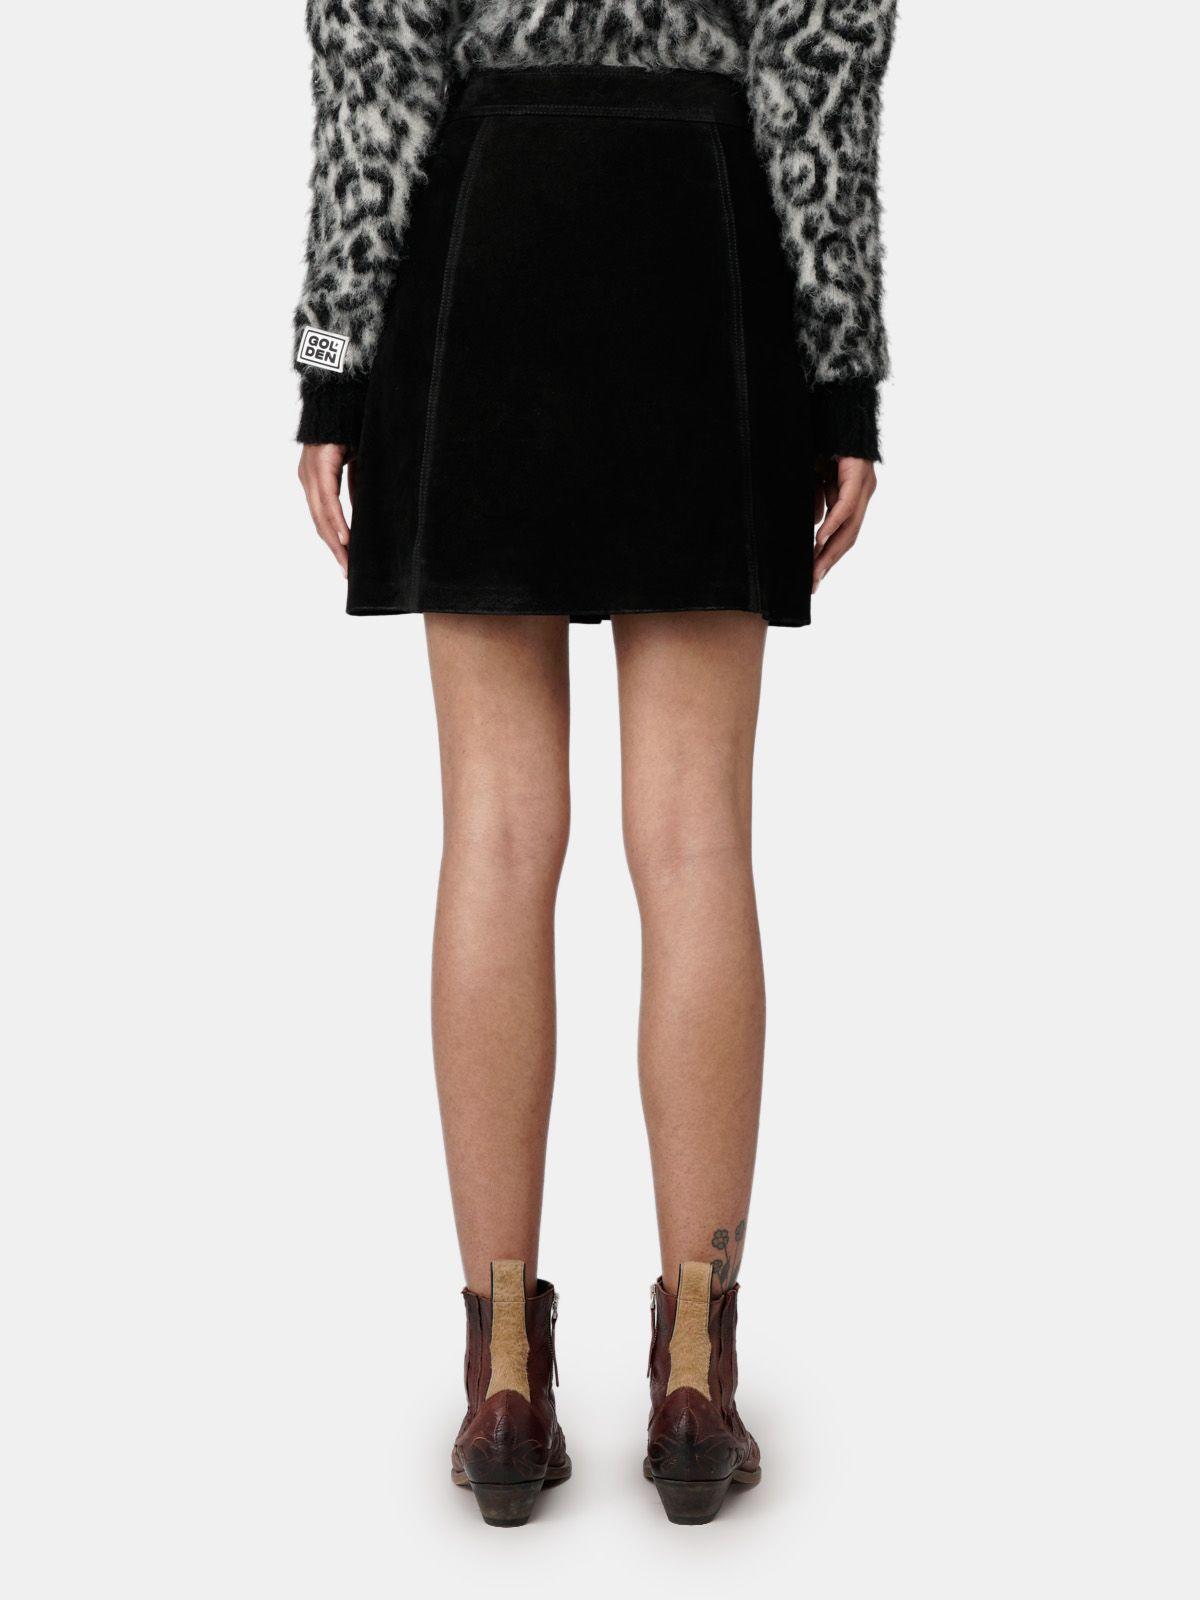 Golden Goose - Artemide miniskirt in black with studs in